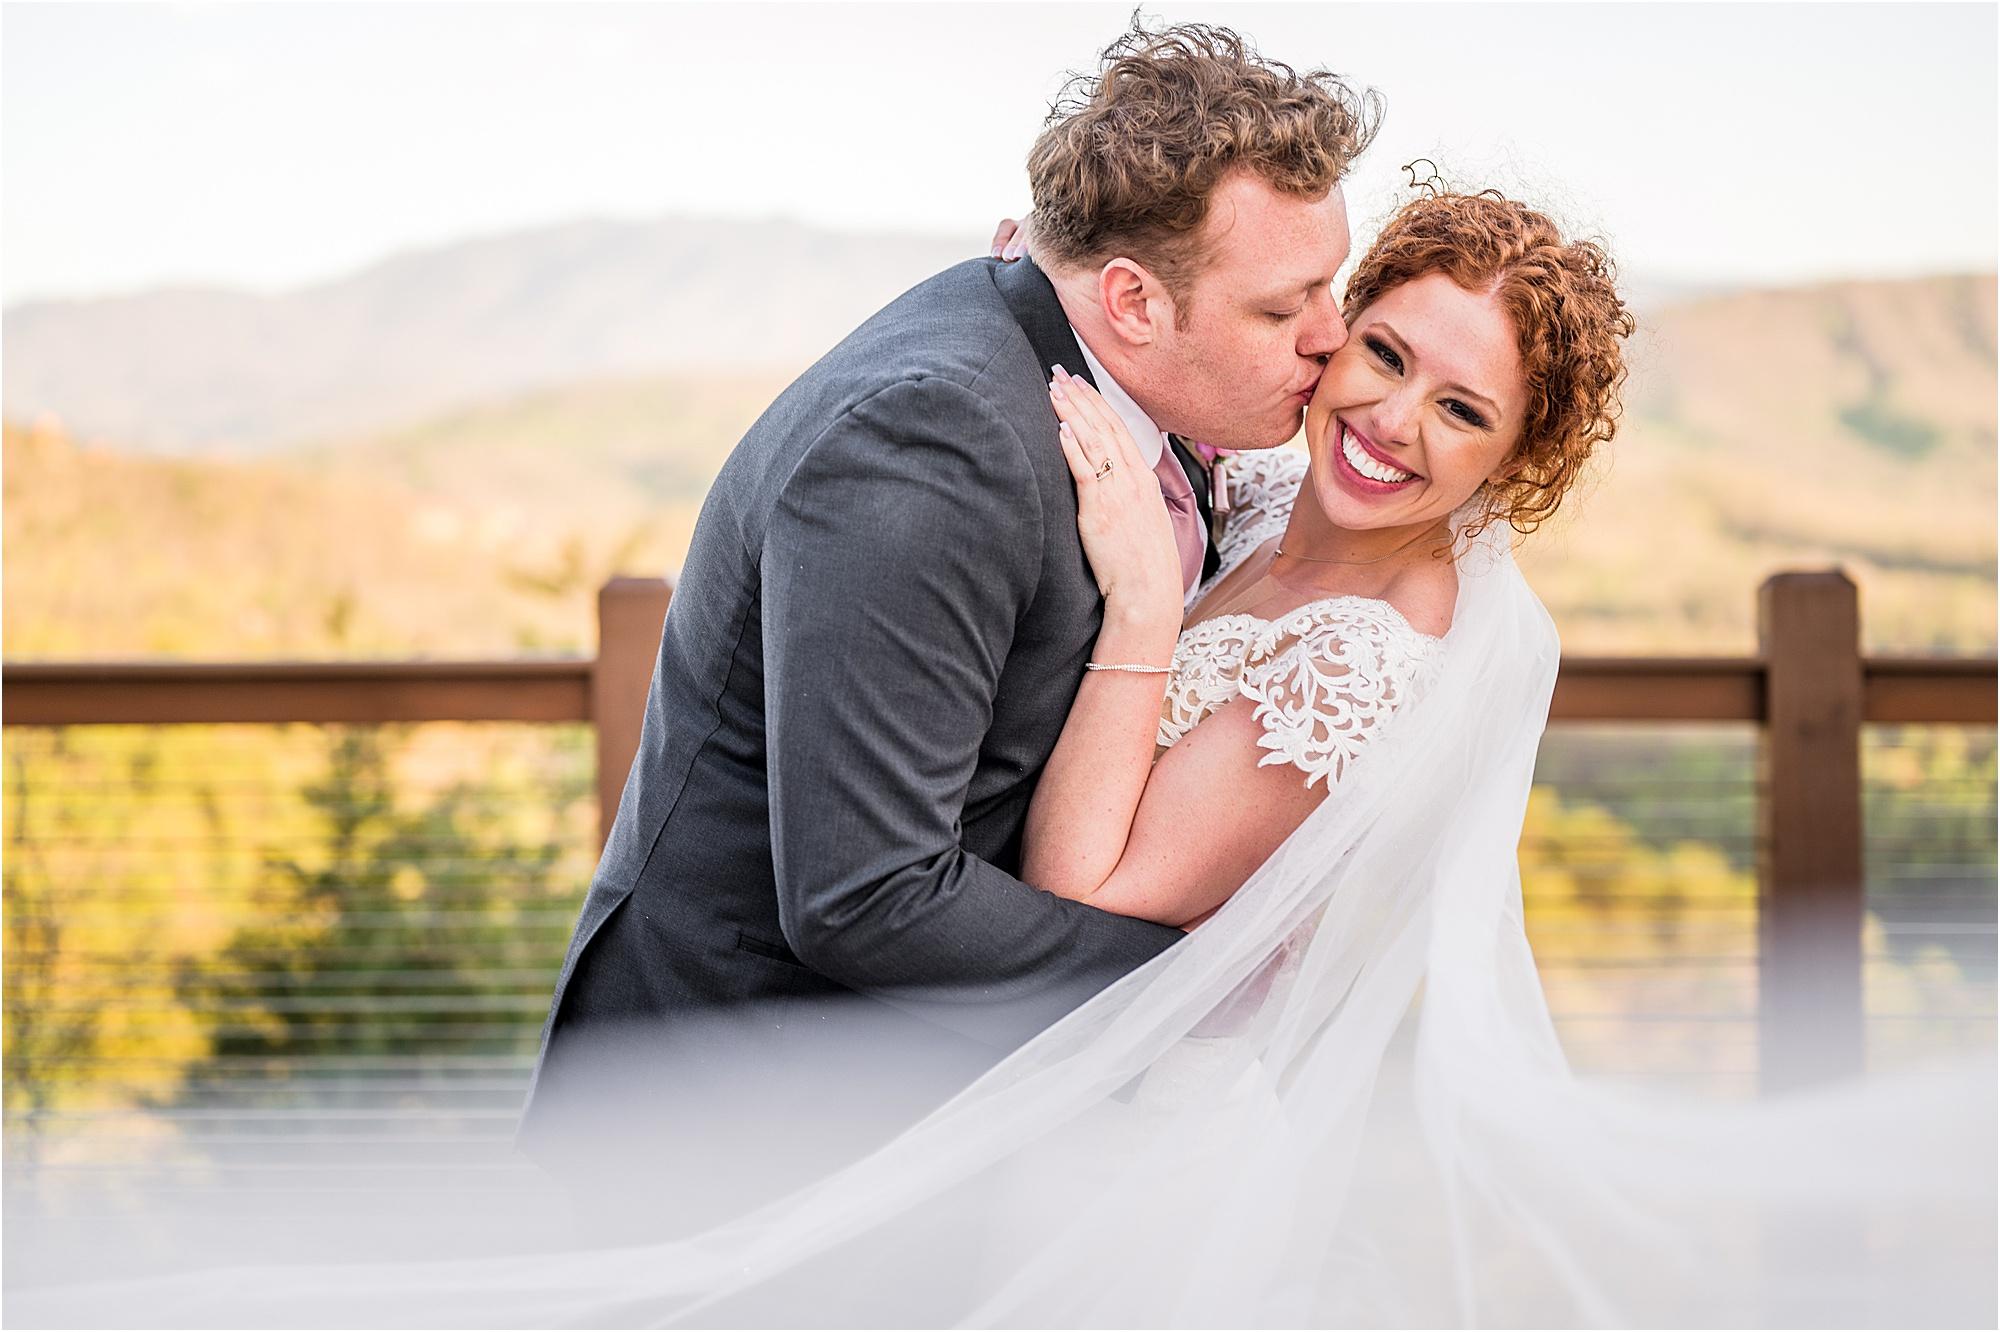 groom kisses bride on cheek as he dips her backwards